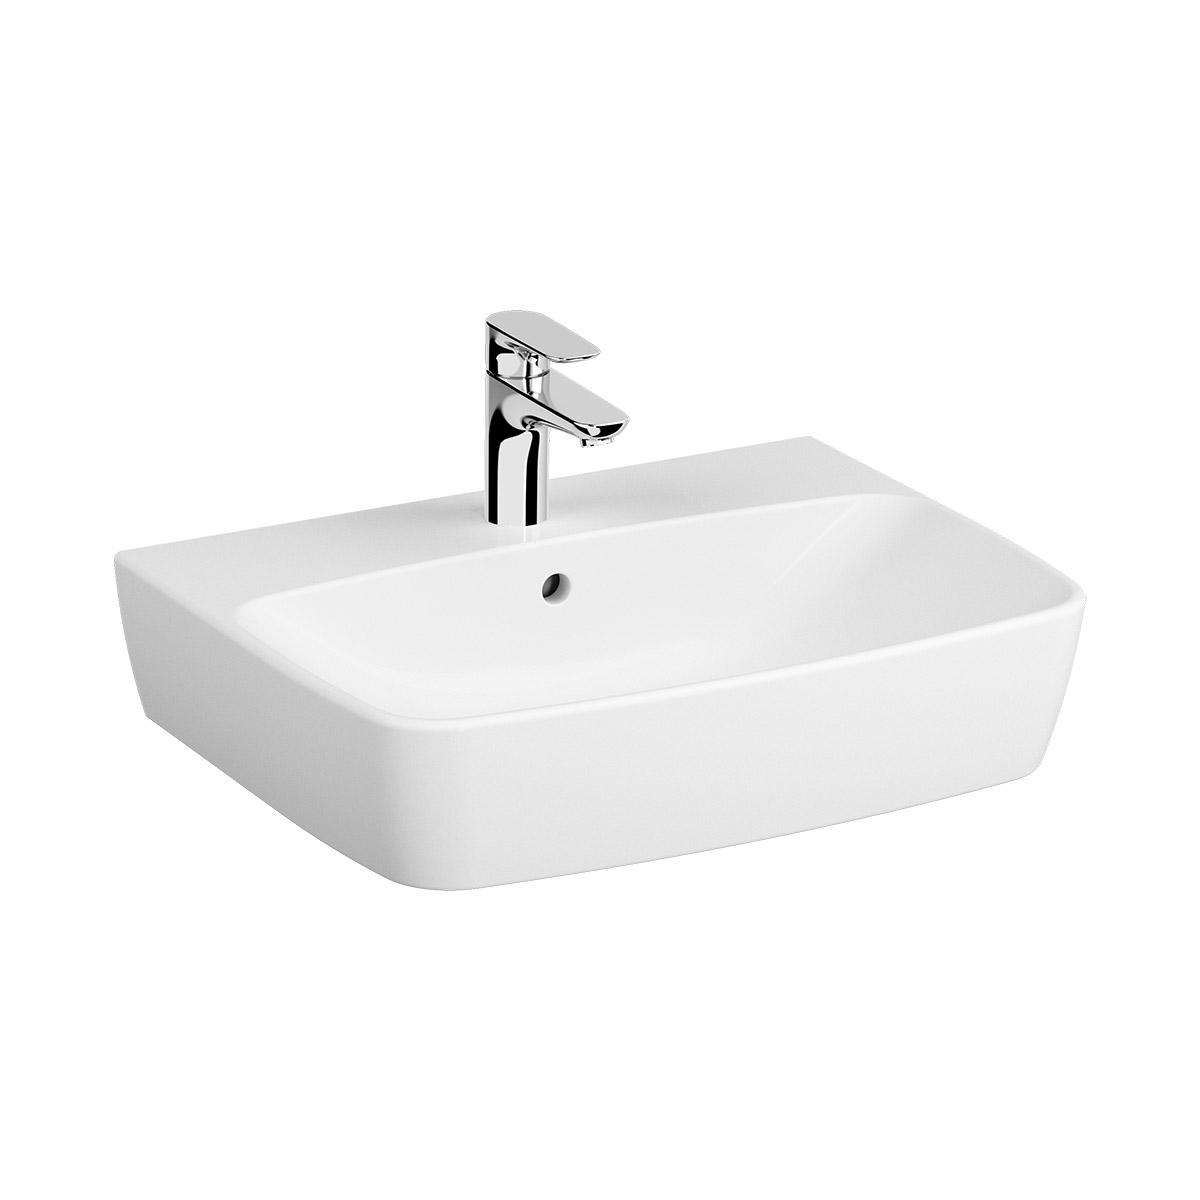 Shift Waschtisch 60 cm, mit Hahnlochbank, mit Hahnloch mittig, mit Überlaufloch, Weiß, VitrA Clean